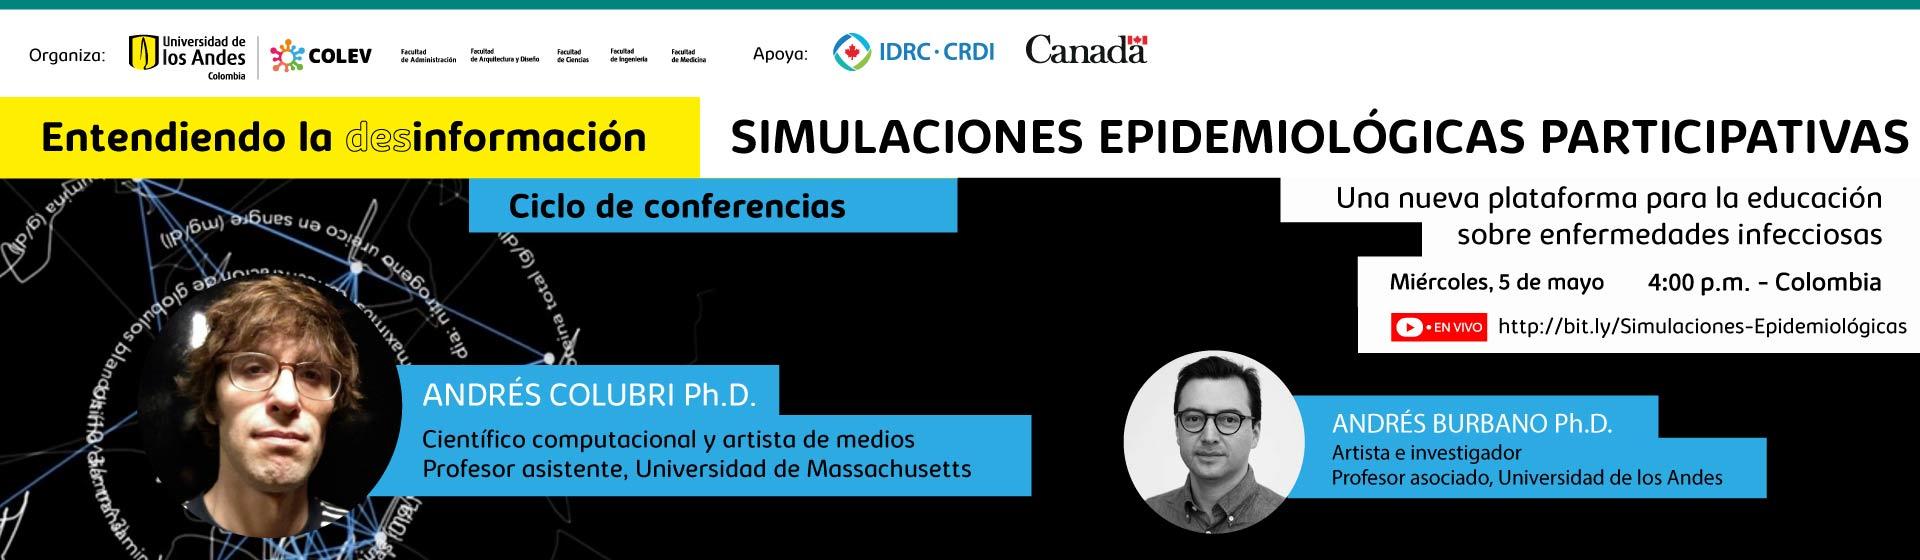 Simulaciones Epidemiológicas Participativas